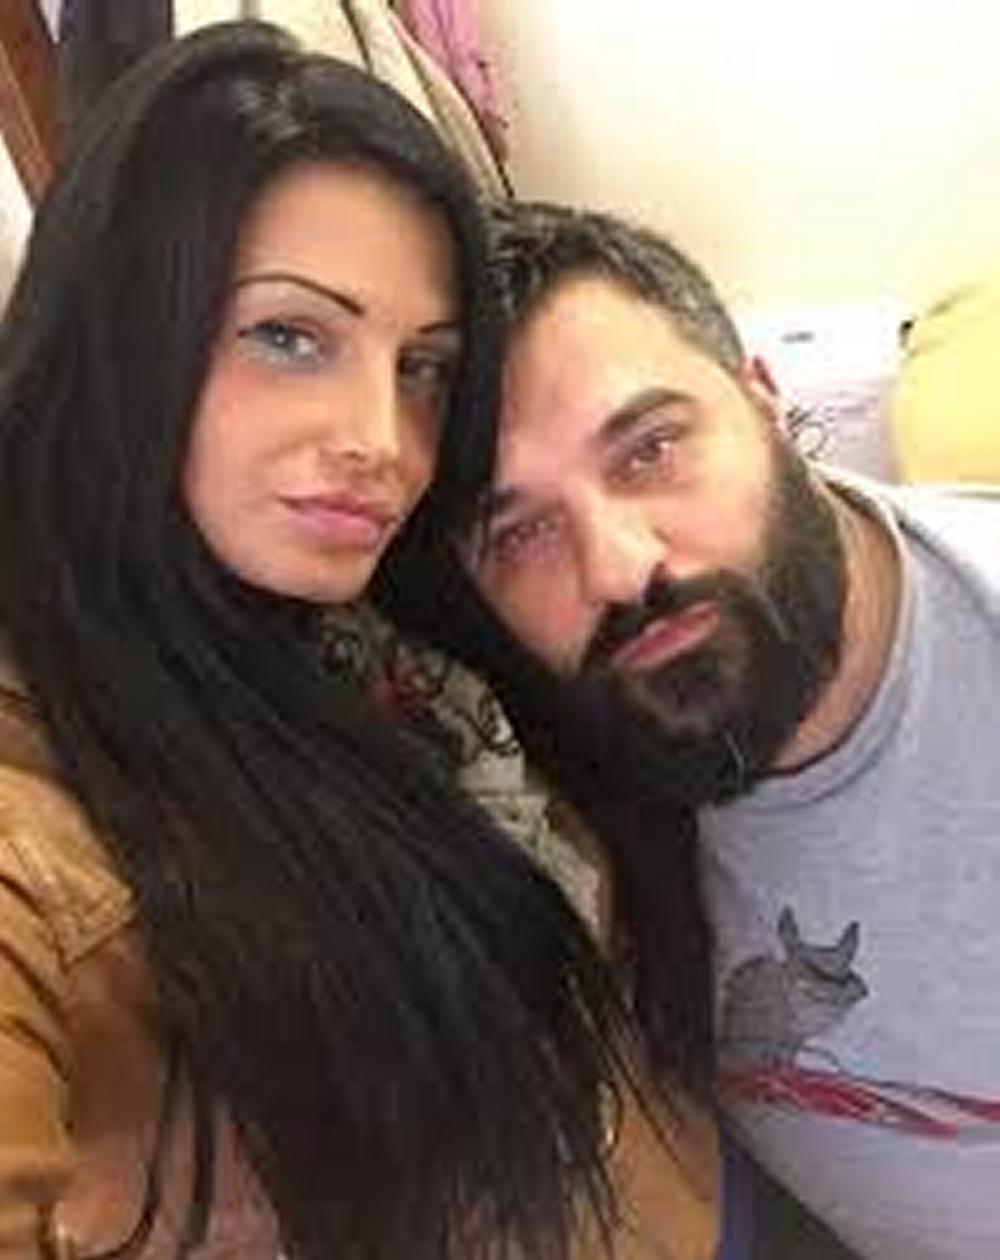 Mauro Marin su Facebook annuncia la gravidanza della sua compagna